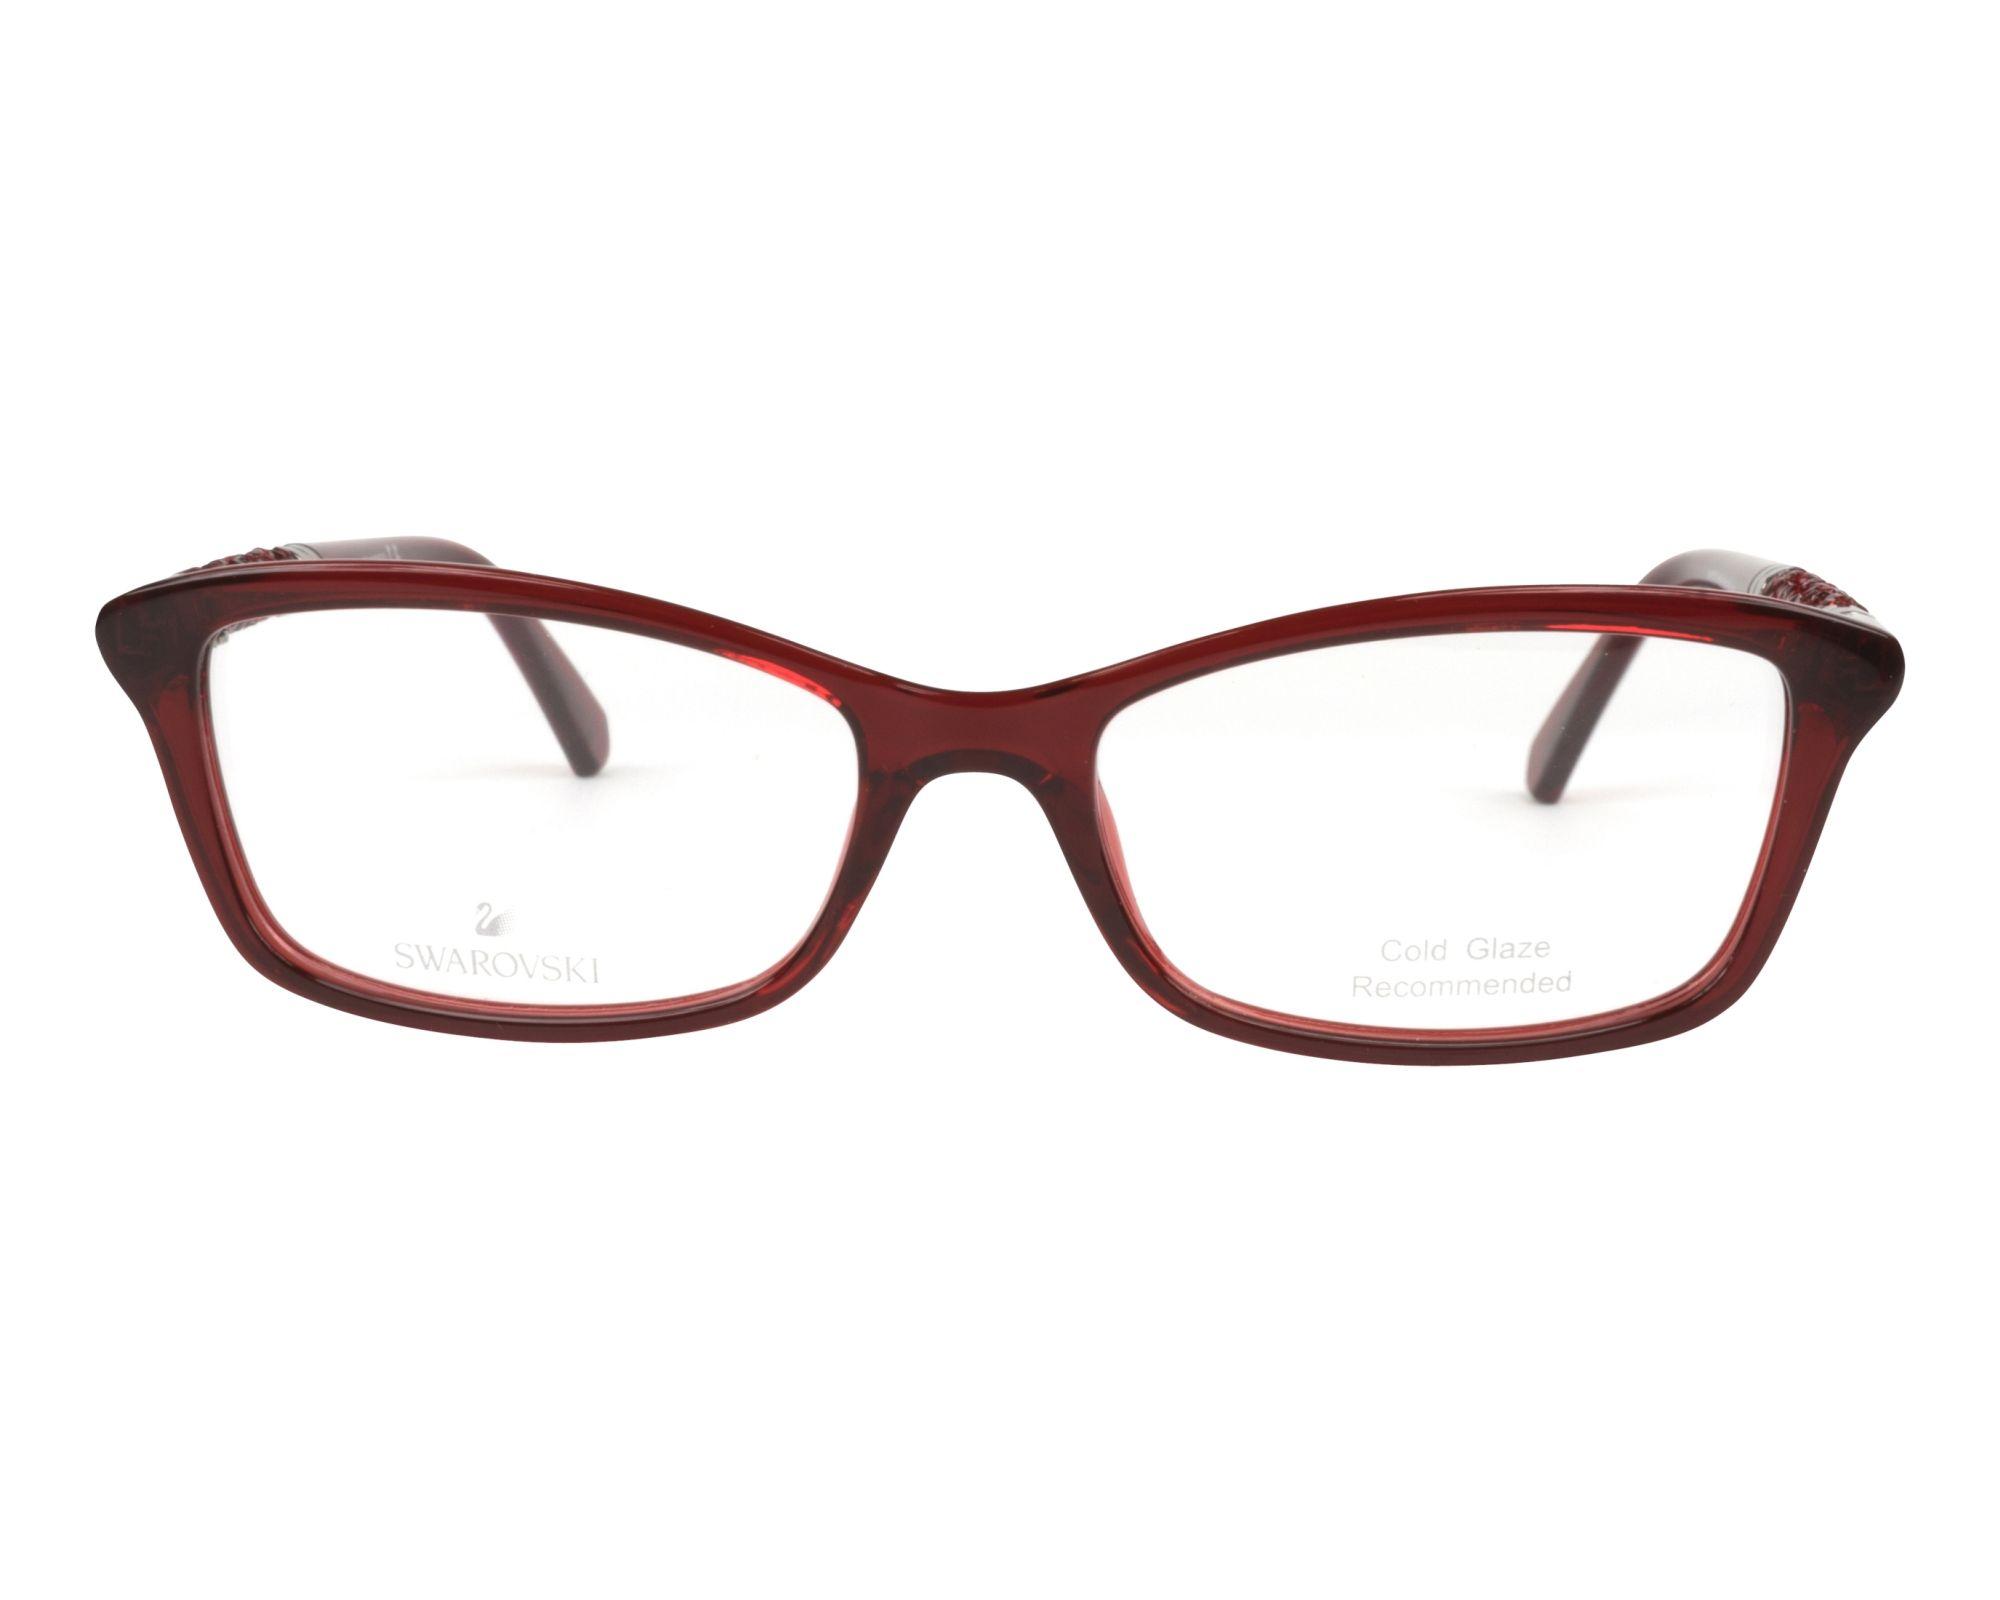 db76dd38166 eyeglasses Swarovski SK-5257-V 066 53-16 Red Red front view